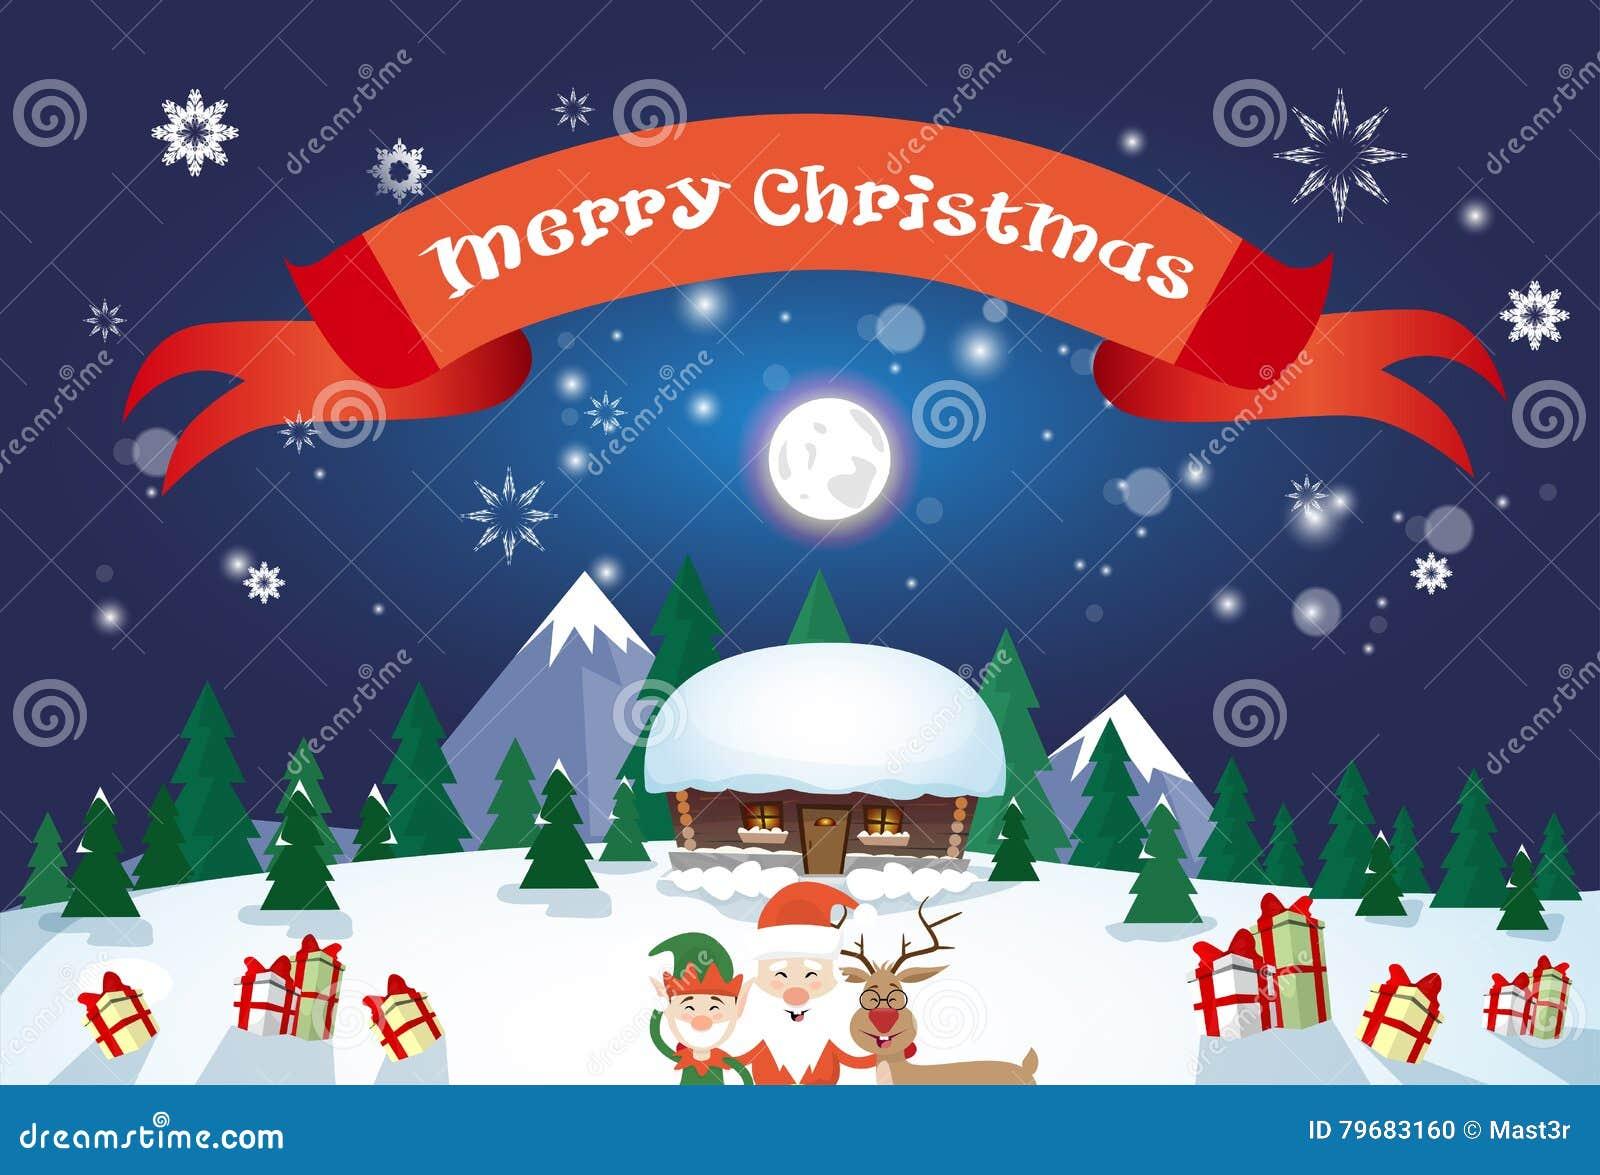 Grüße Frohe Weihnachten.Frohe Weihnachten Santa Clause Reindeer Elf Character über Winter